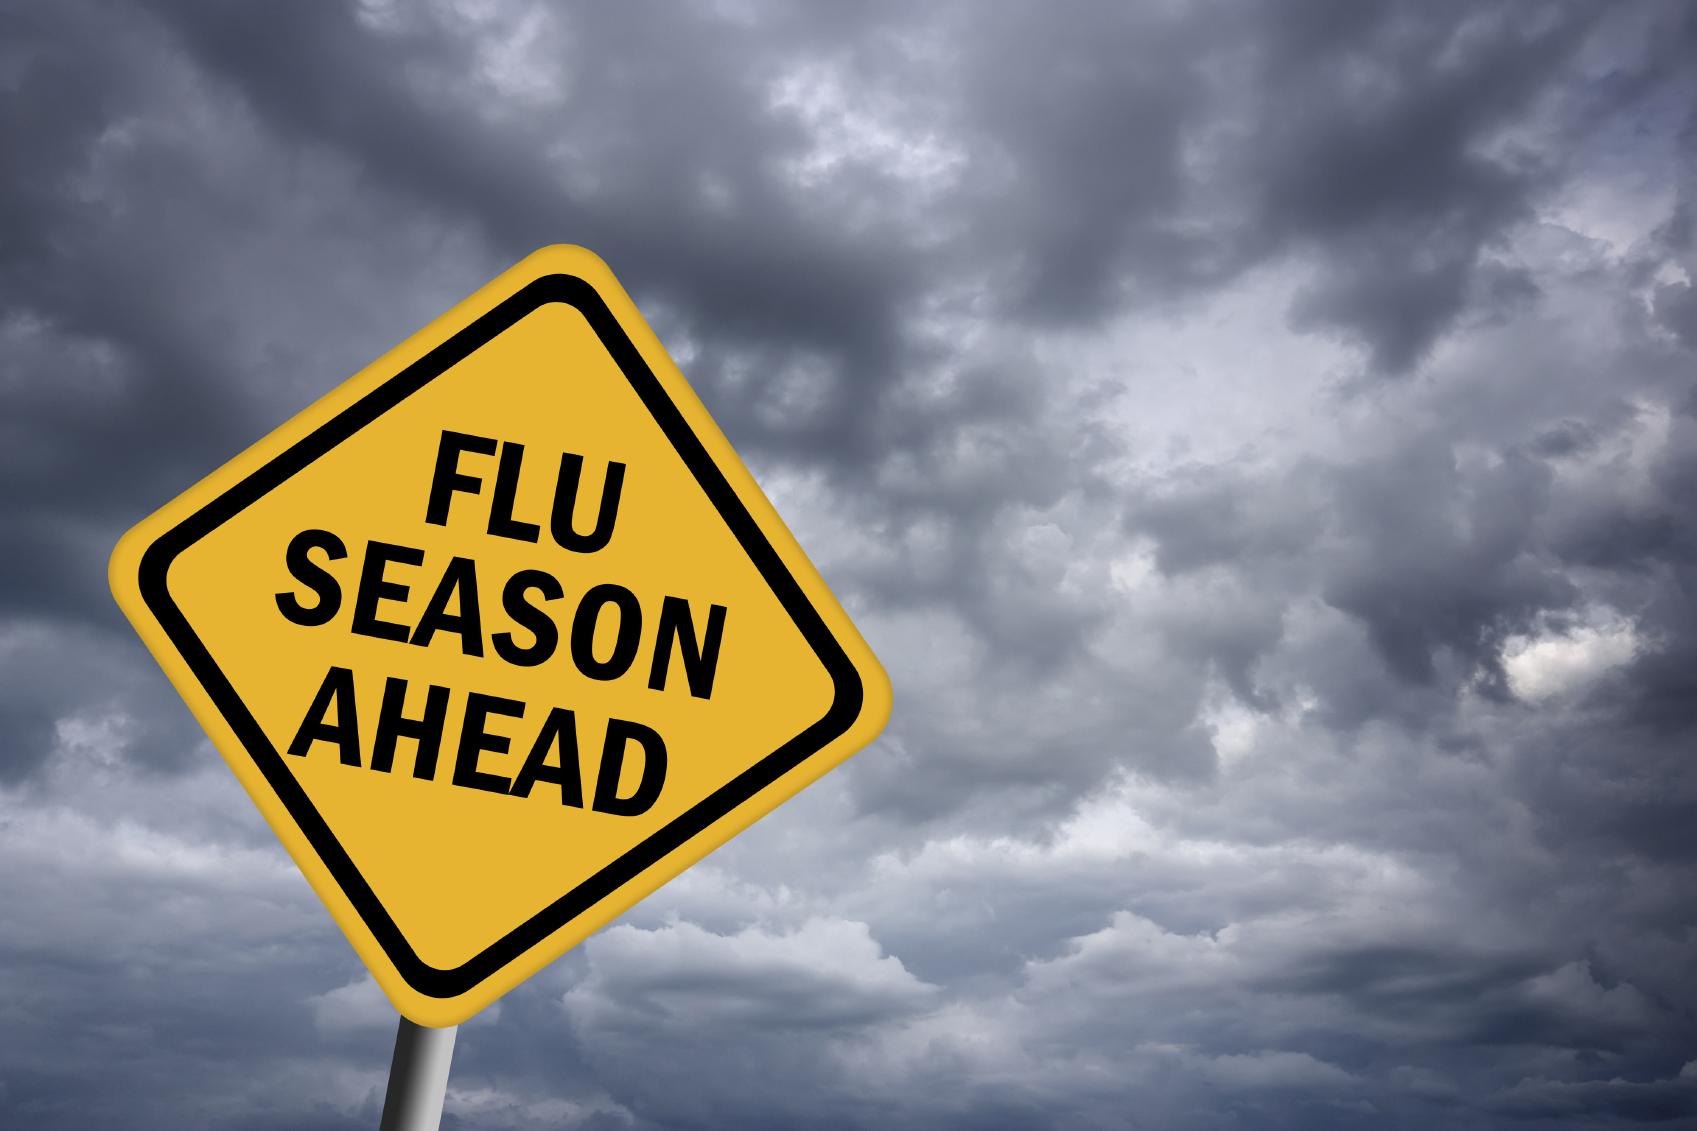 flu season ahead